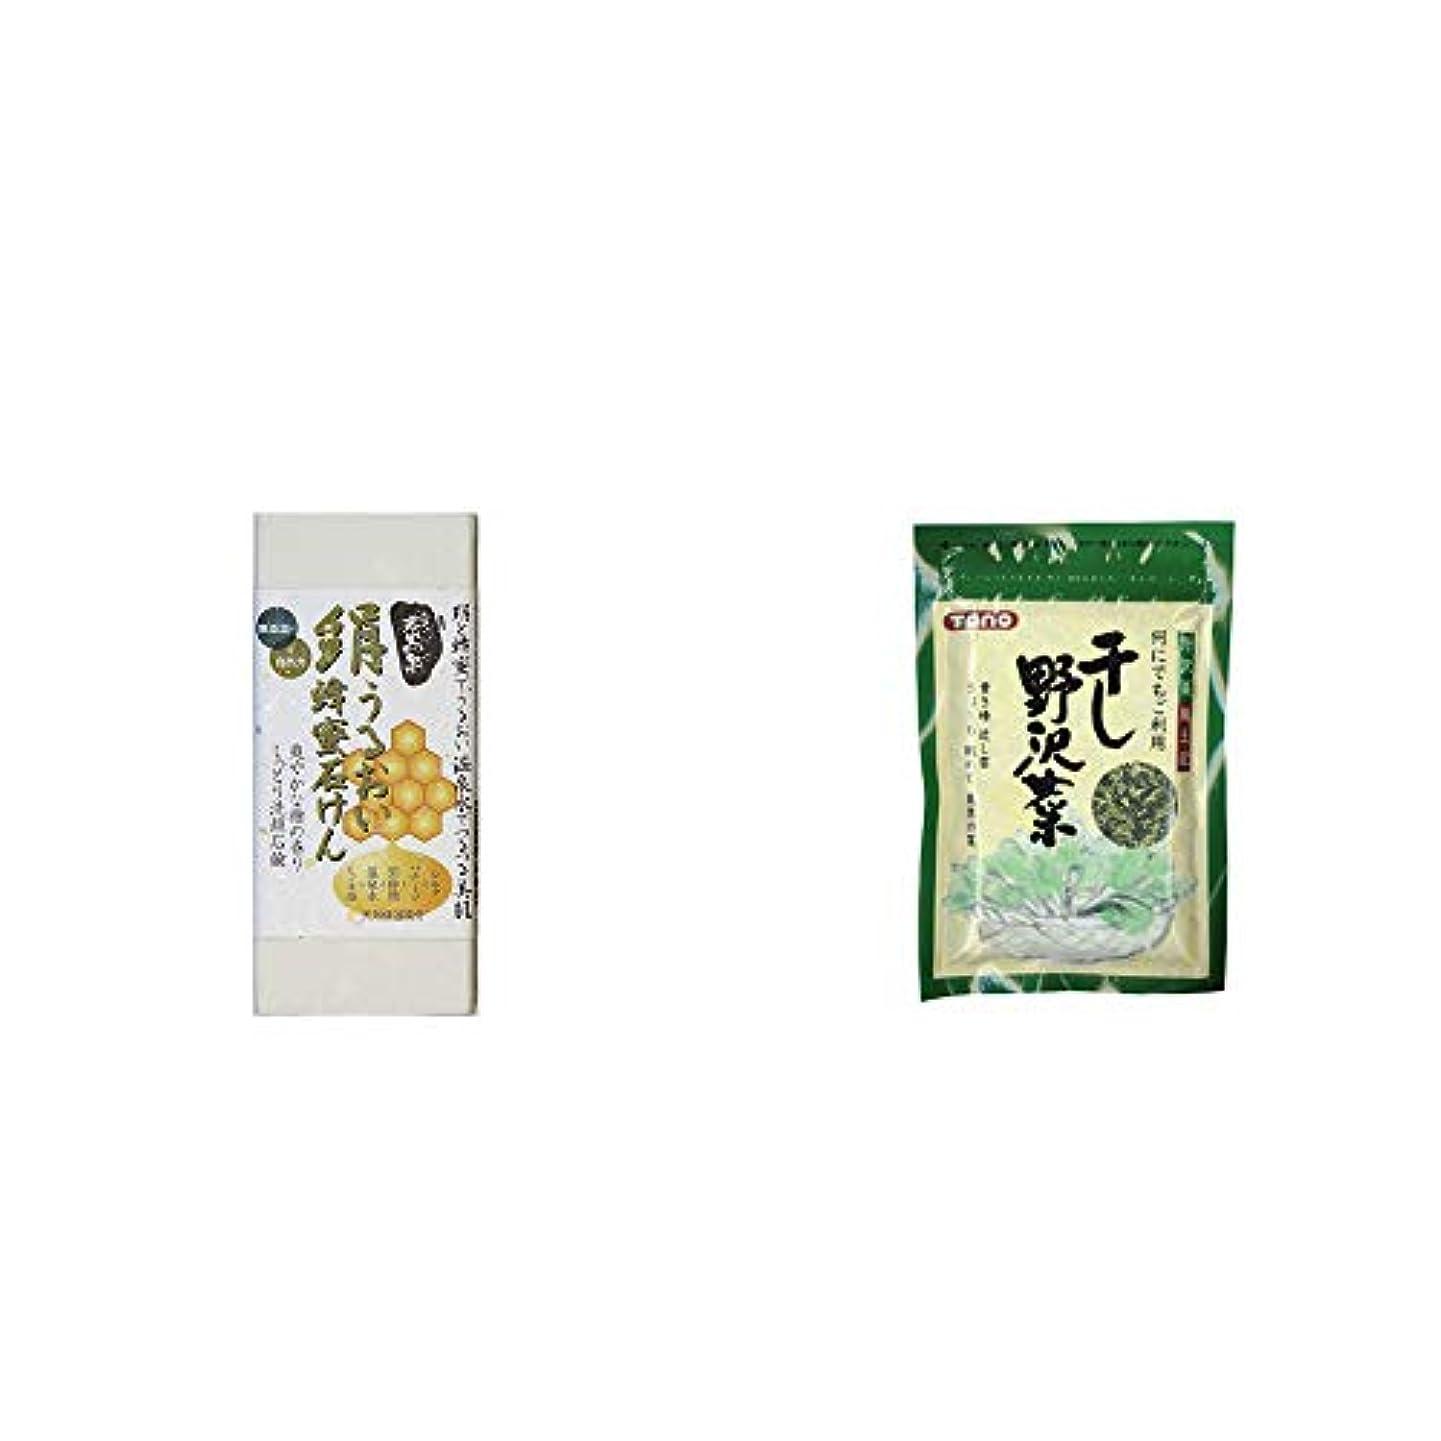 マット瞳ヨーロッパ[2点セット] ひのき炭黒泉 絹うるおい蜂蜜石けん(75g×2)?干し野沢菜(100g)